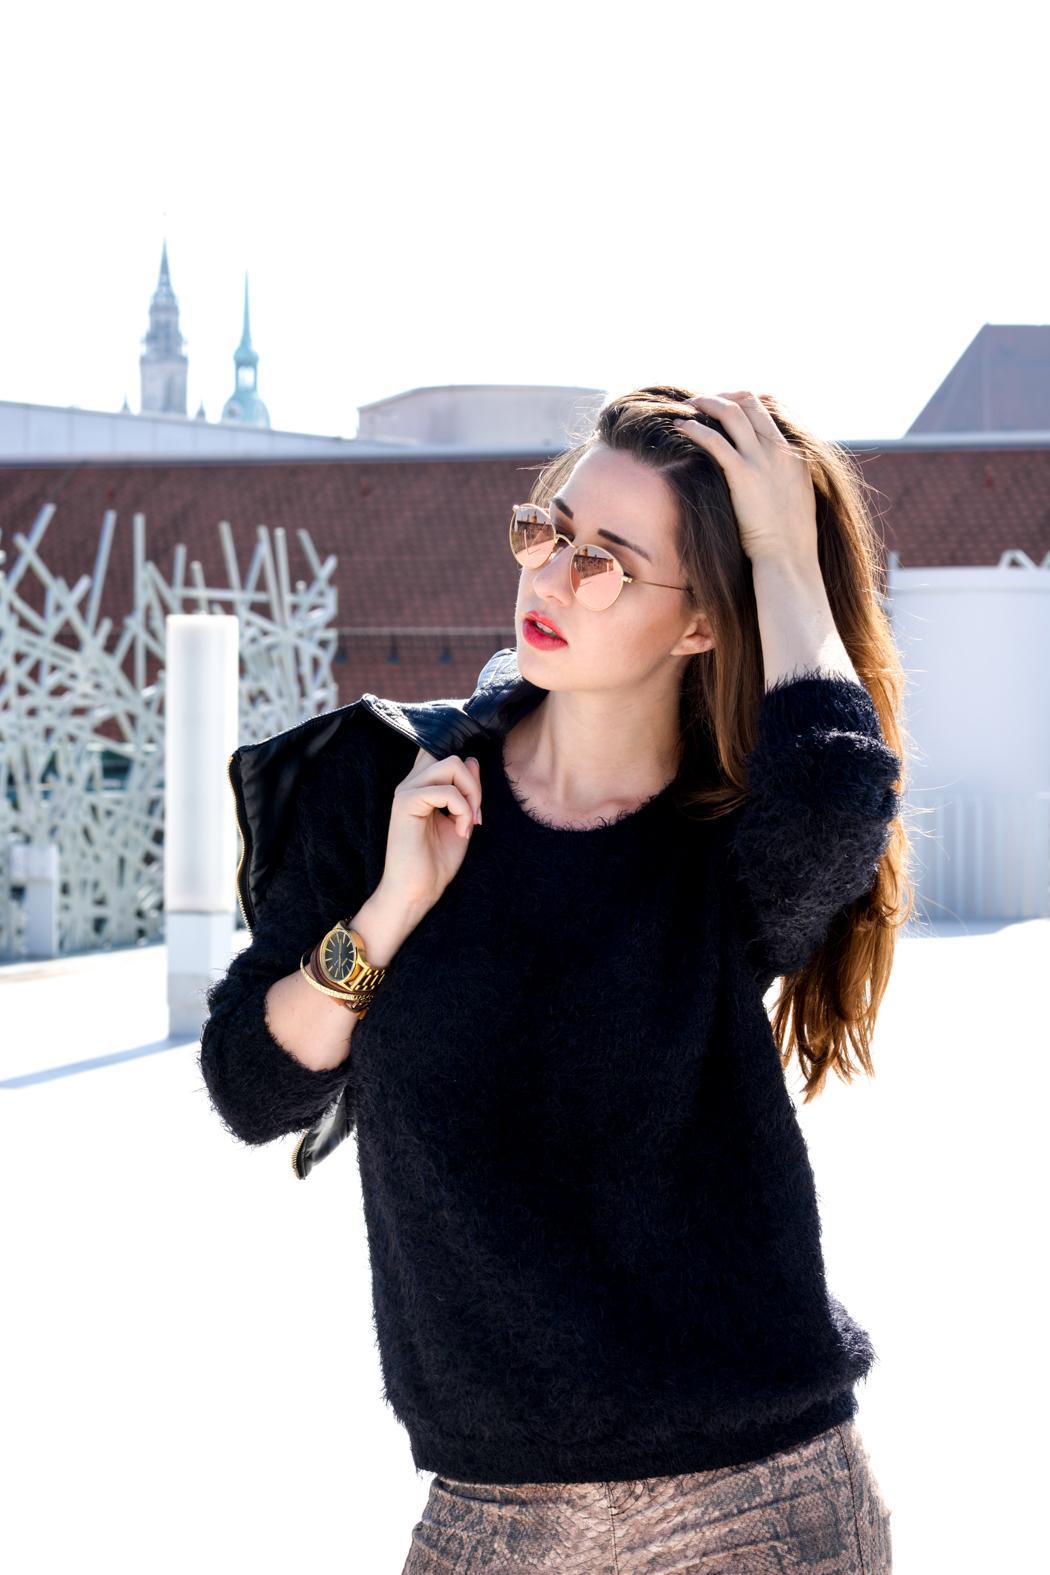 Schlangenpring-Leggins-Zara-Teddypulli-Nixon-Watch-Fashionblogger-München-9